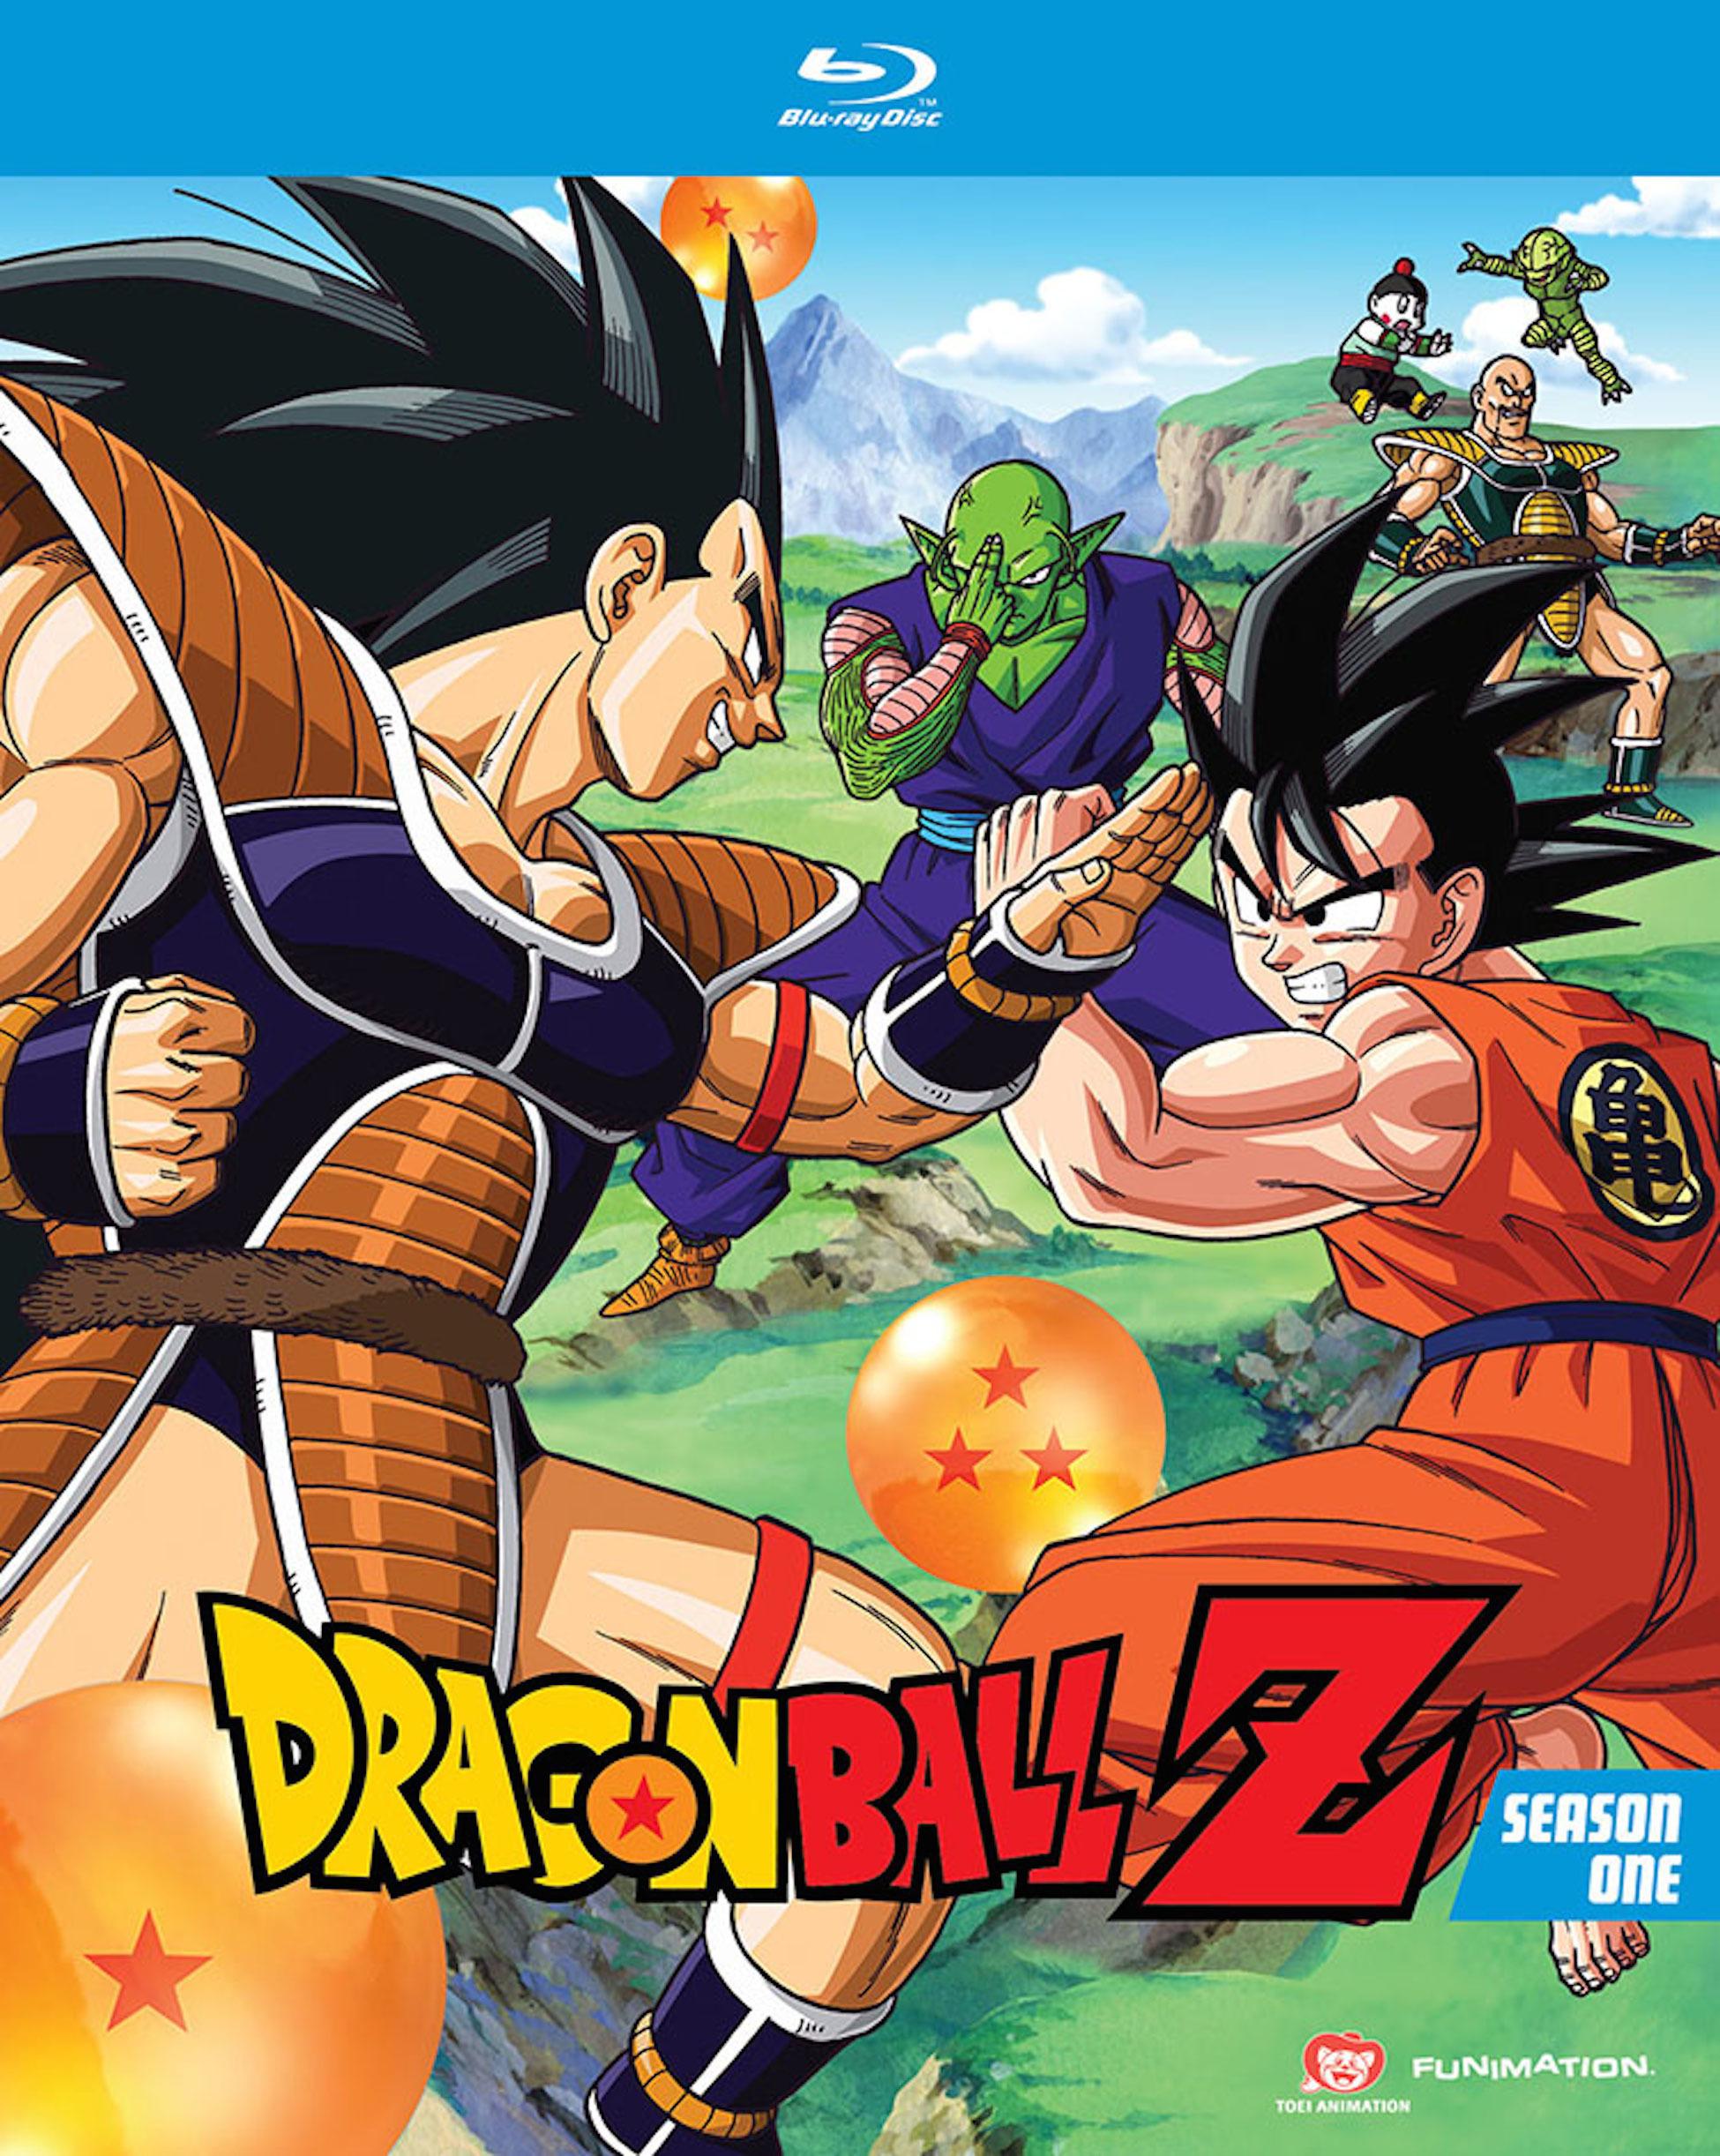 Dragon ball z season 12 episode 10